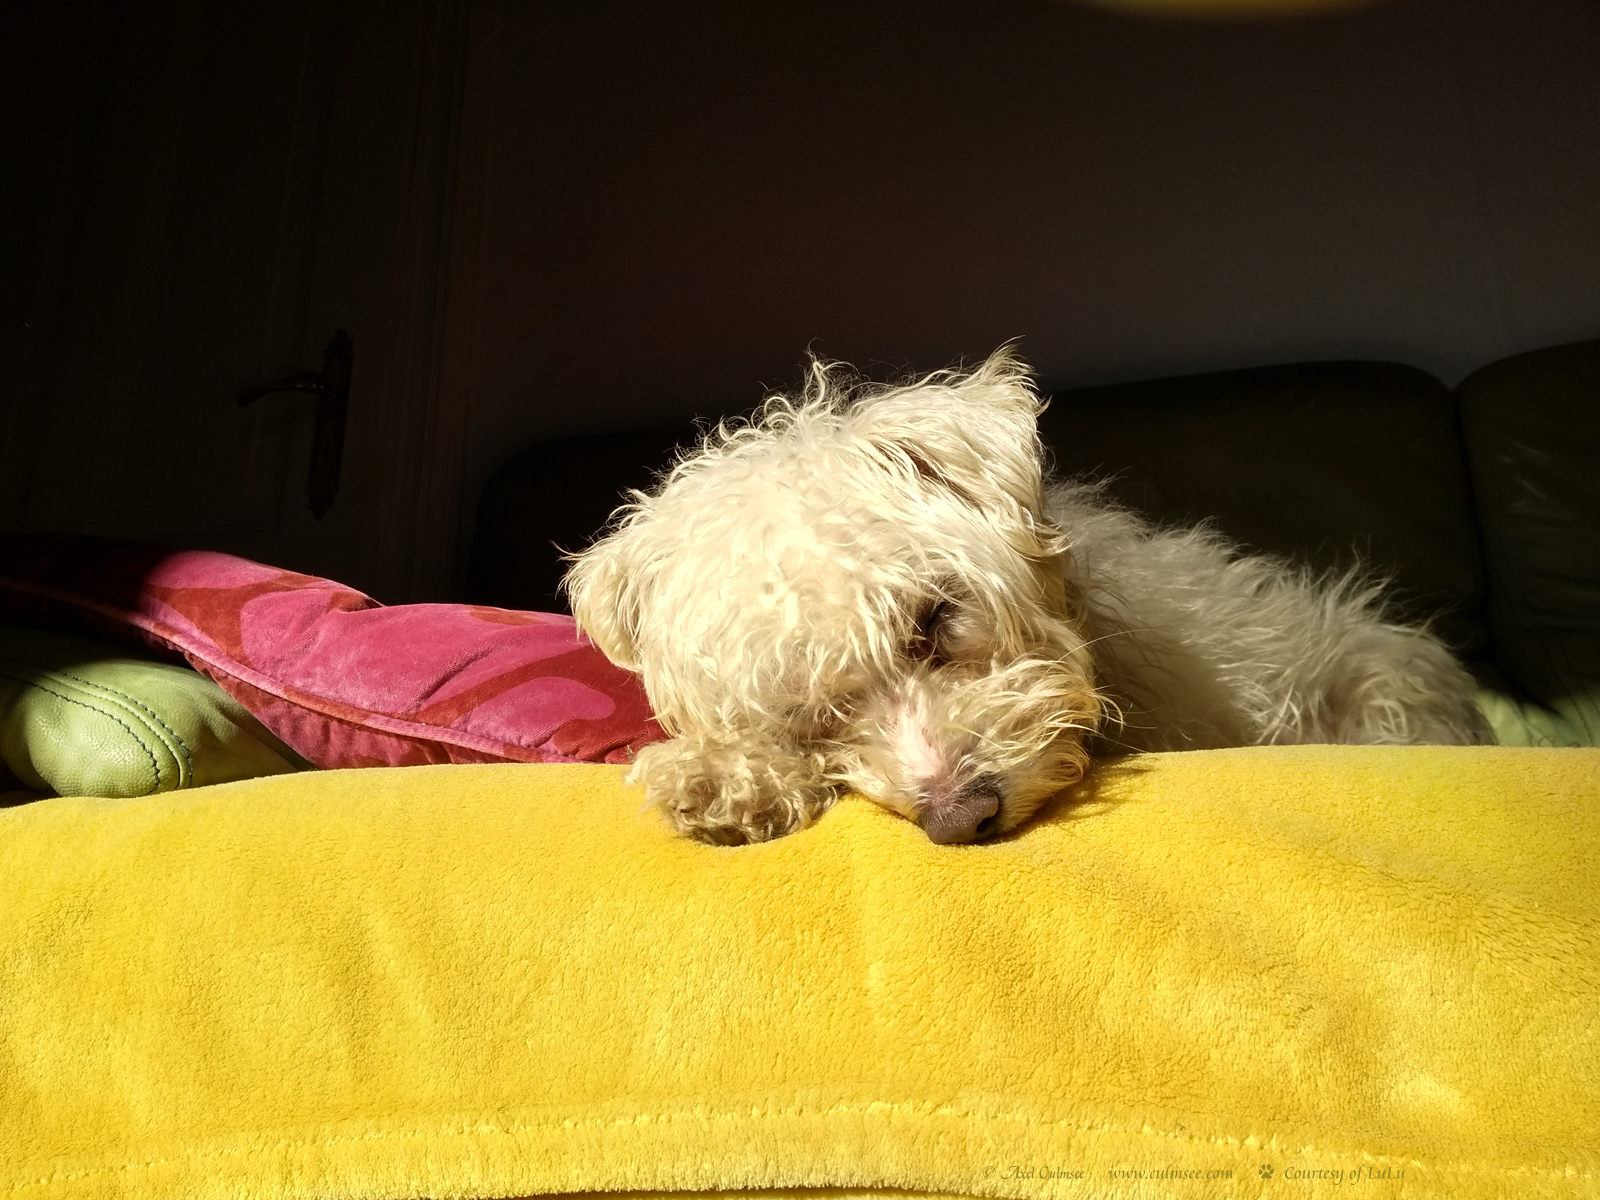 LuLu dreaming in the sun